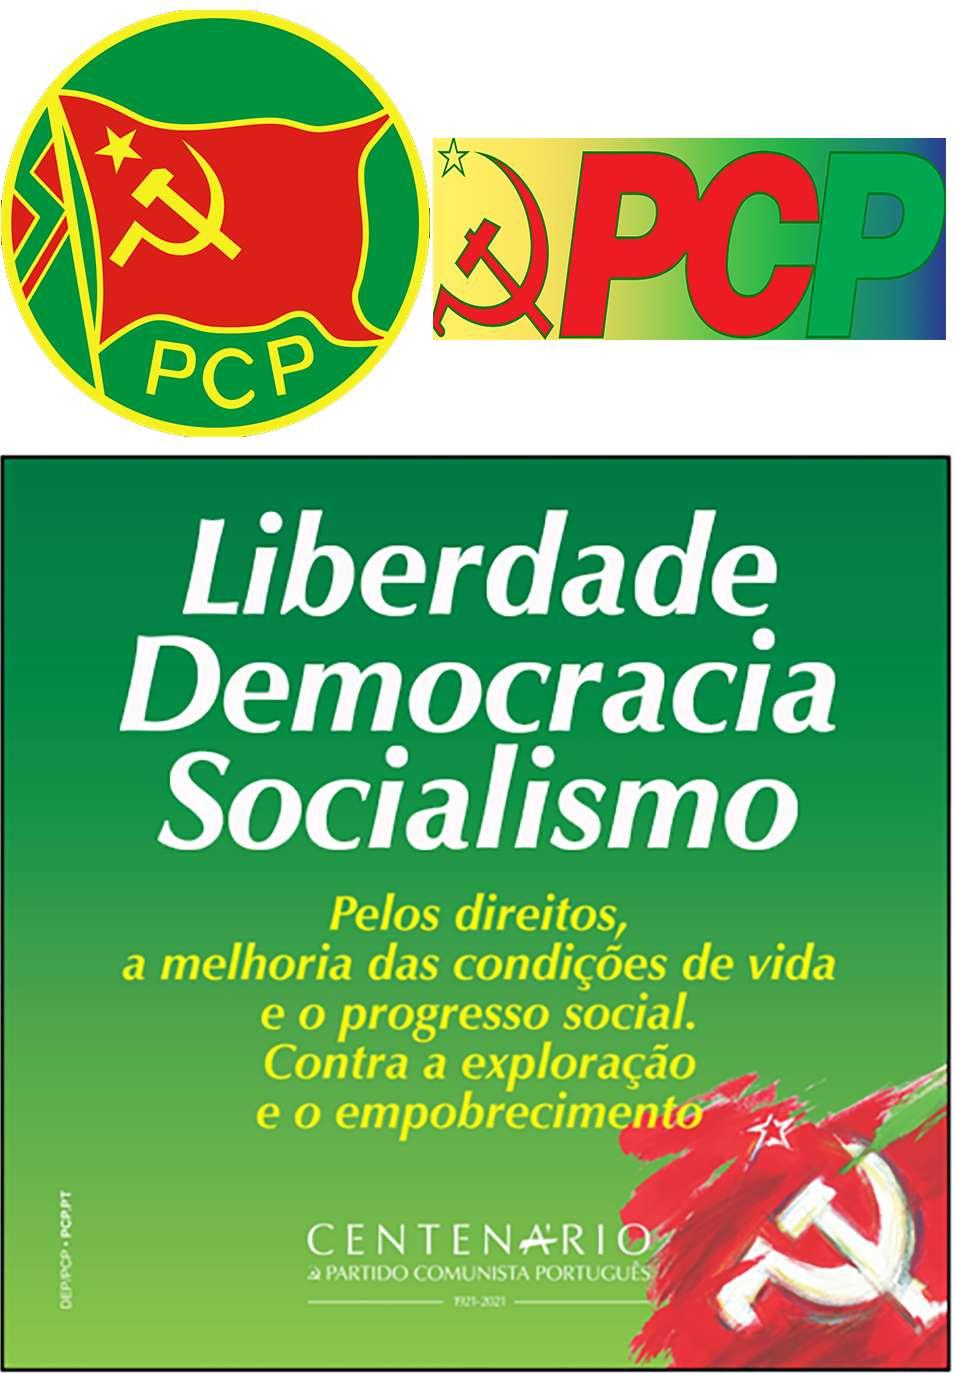 Liberdado Democracia Socialismo Pelos direitos a melhoria das condições de vida e o progresso social. Contra a exploração e o empobrecimento